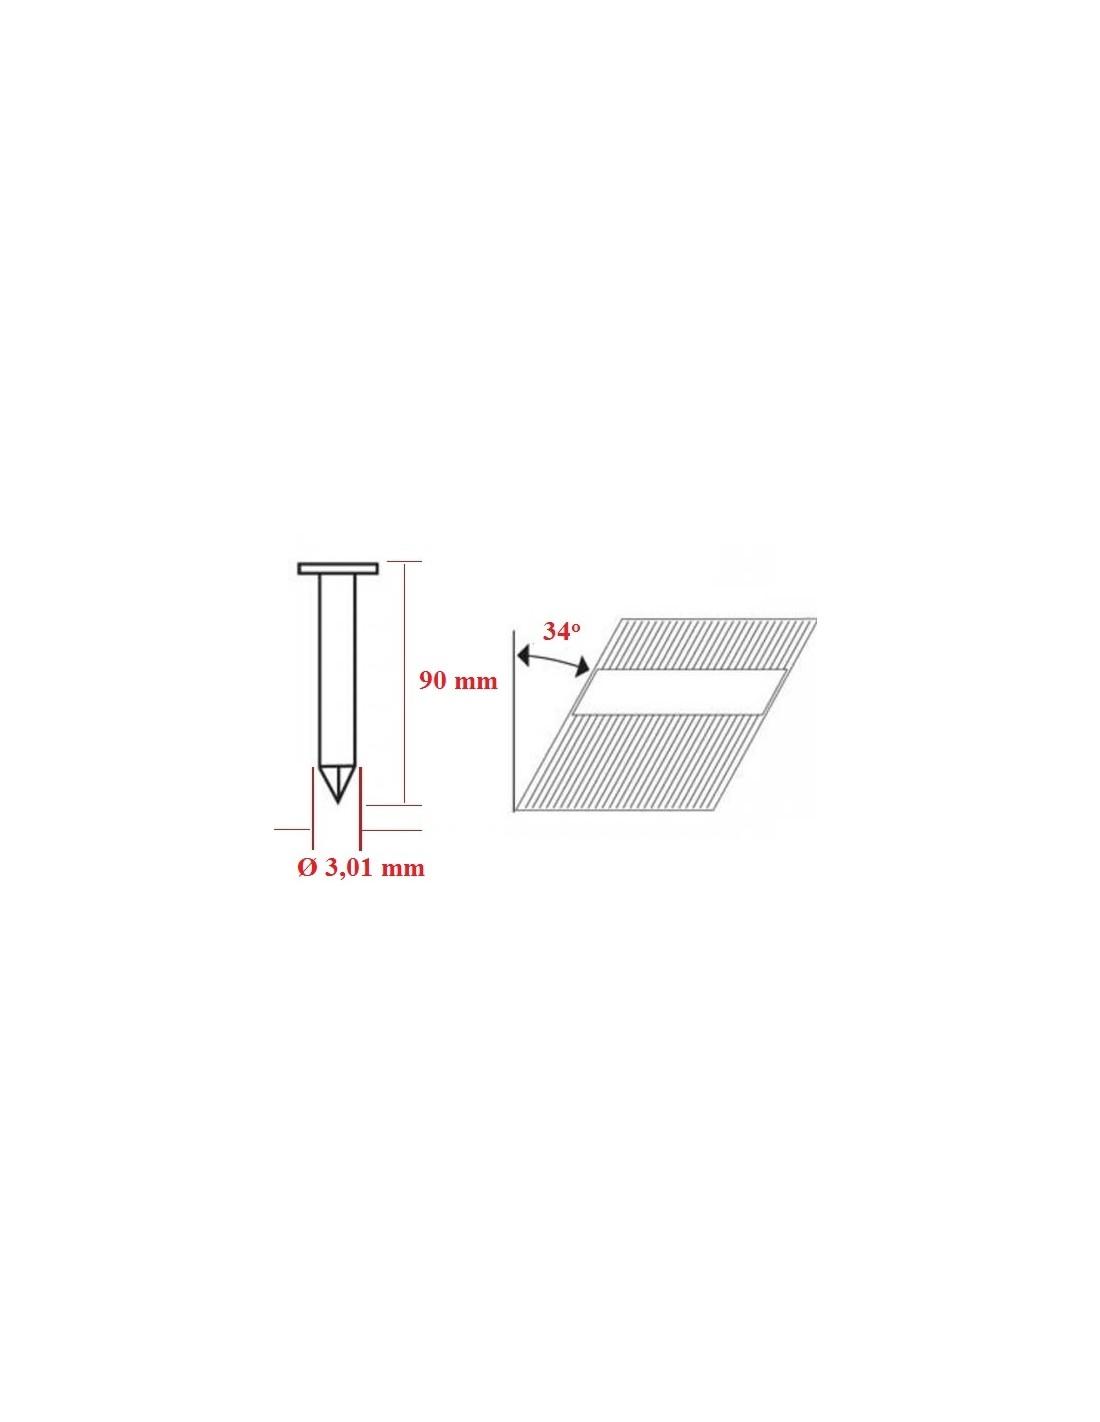 Cuie tip RN in benzi 34° cu lungimea de 90 mm - dimensiuni